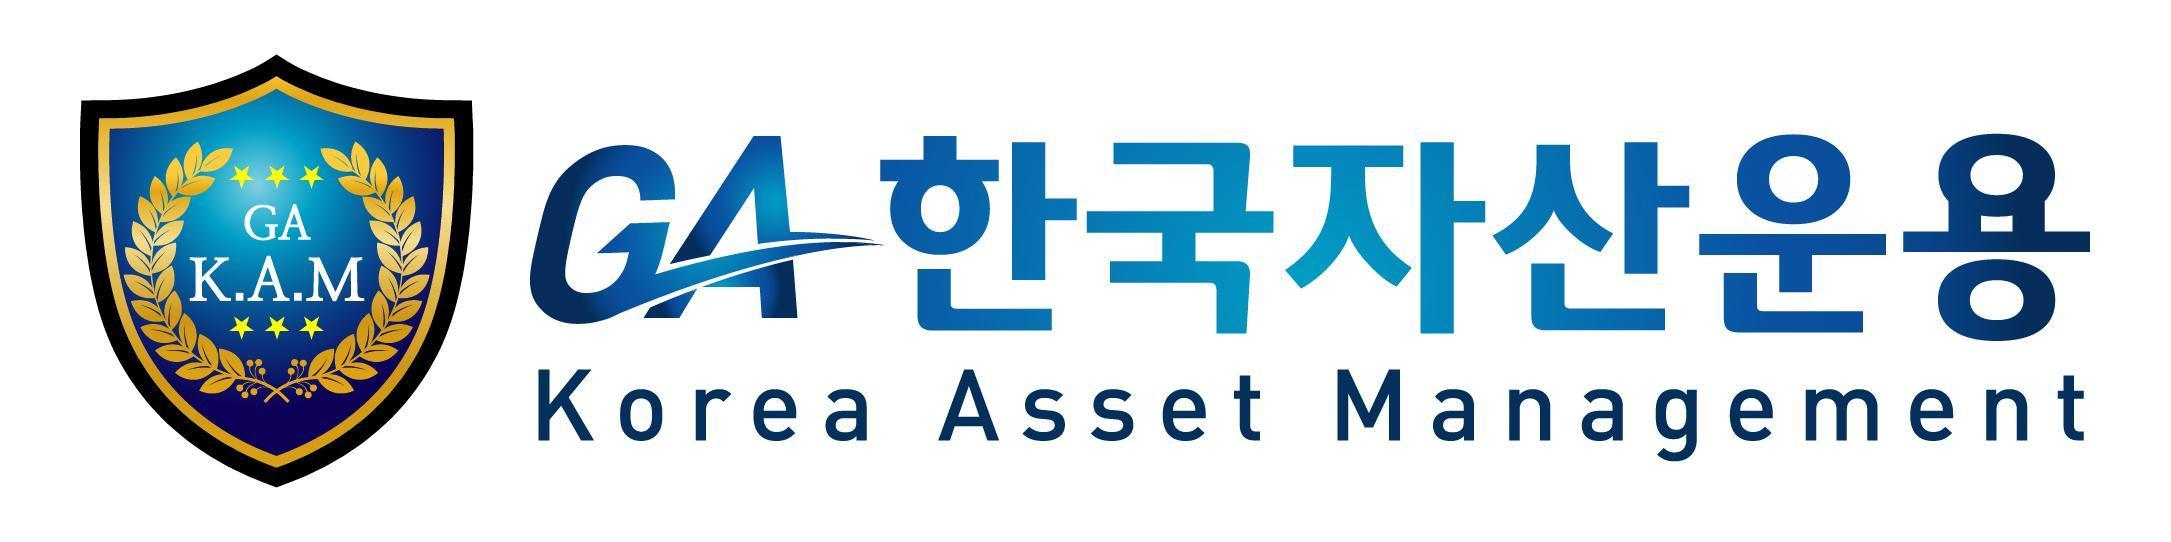 글로벌금융-GA한국자산운용